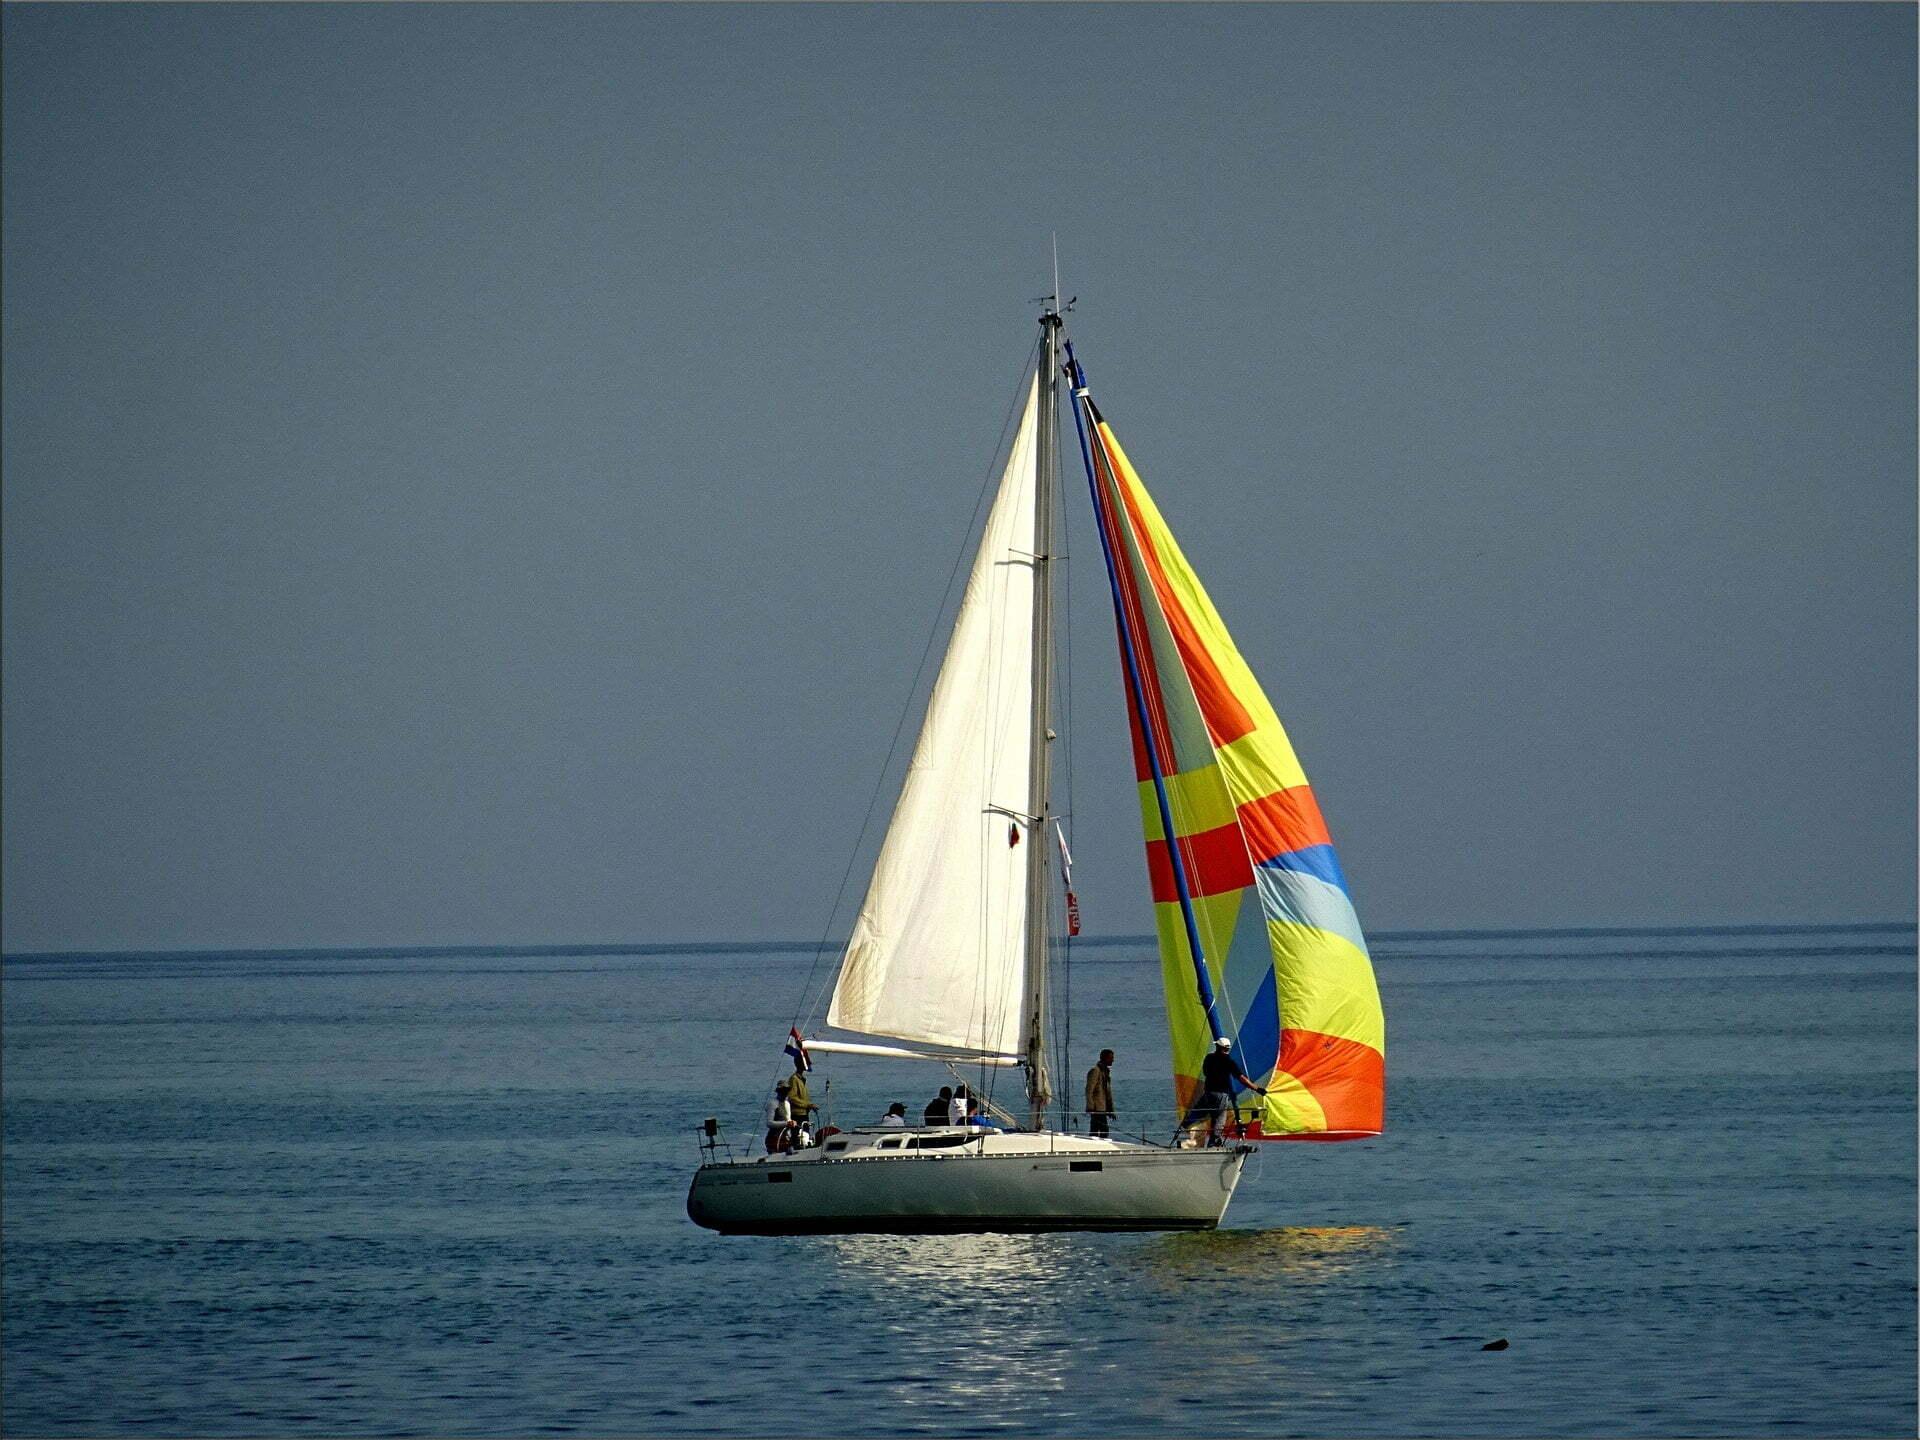 reisindustrie veranderen met zeilboot